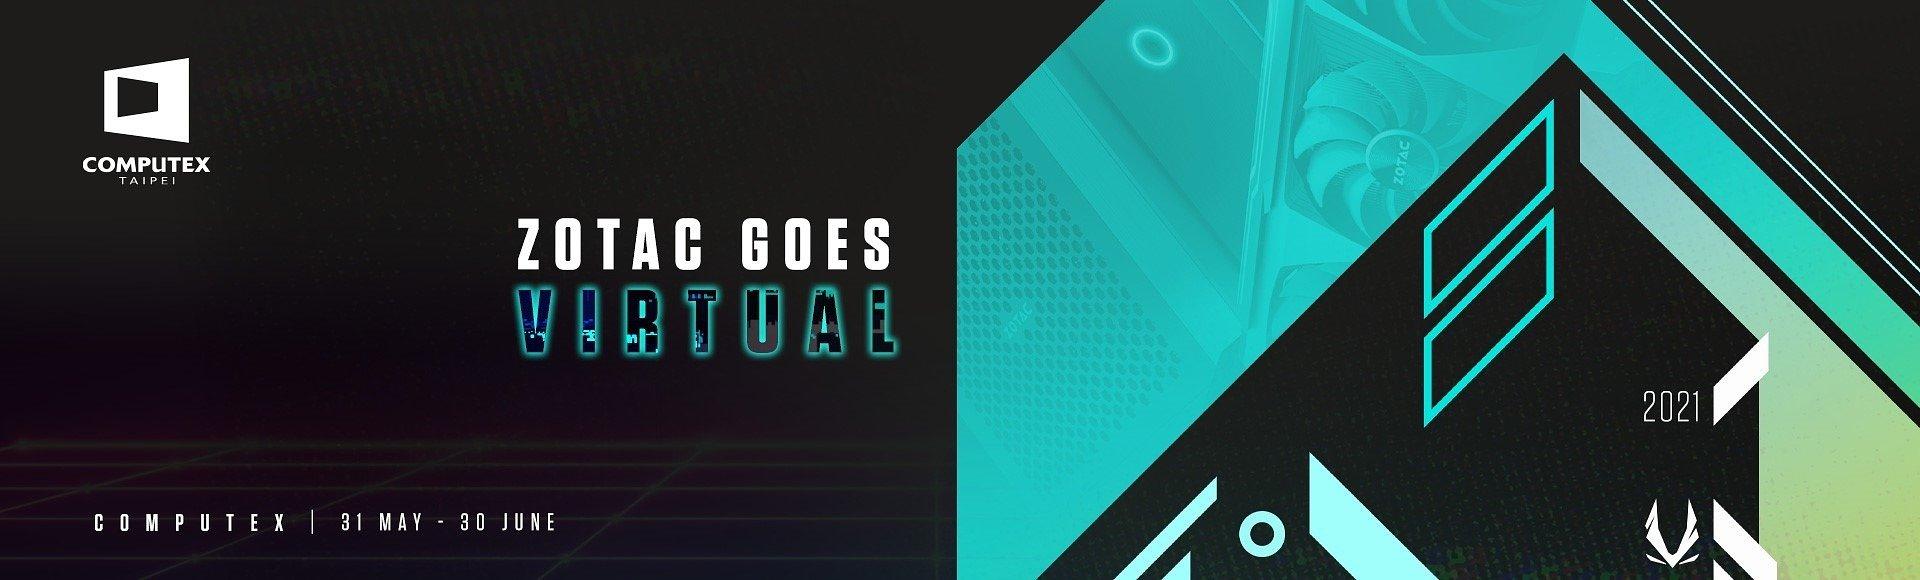 Компания ZOTAC примет участие в виртуальной выставке COMPUTEX 2021